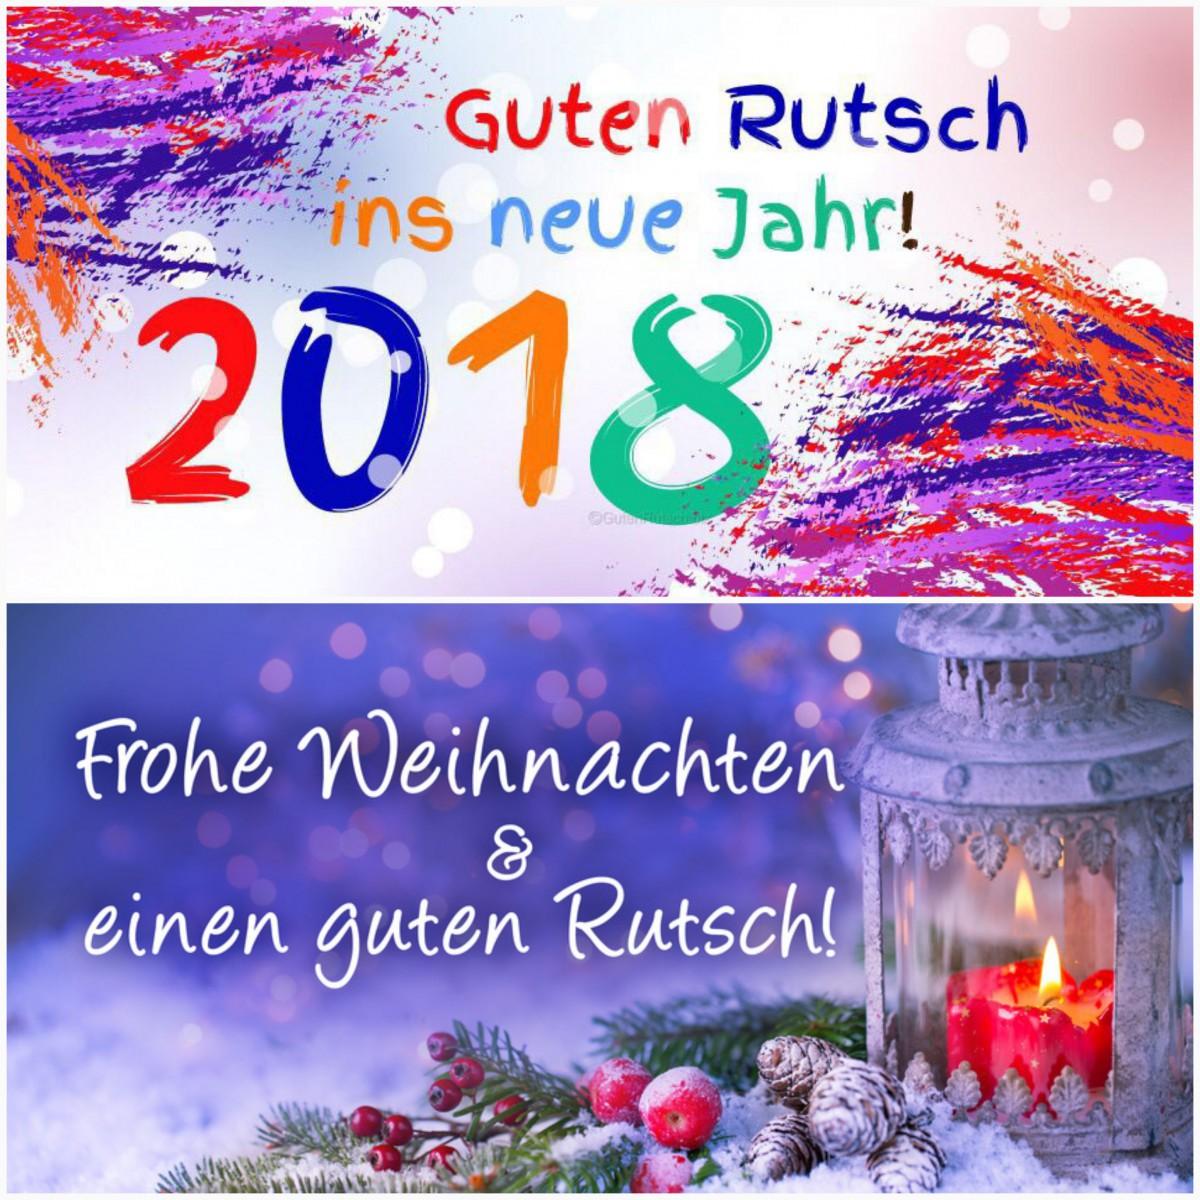 Frohe Weihnachten Und Guten Rutsch In Neues Jahr.Frohe Weihnachten Und Ein Guten Rutsch Ins Neue Jahr